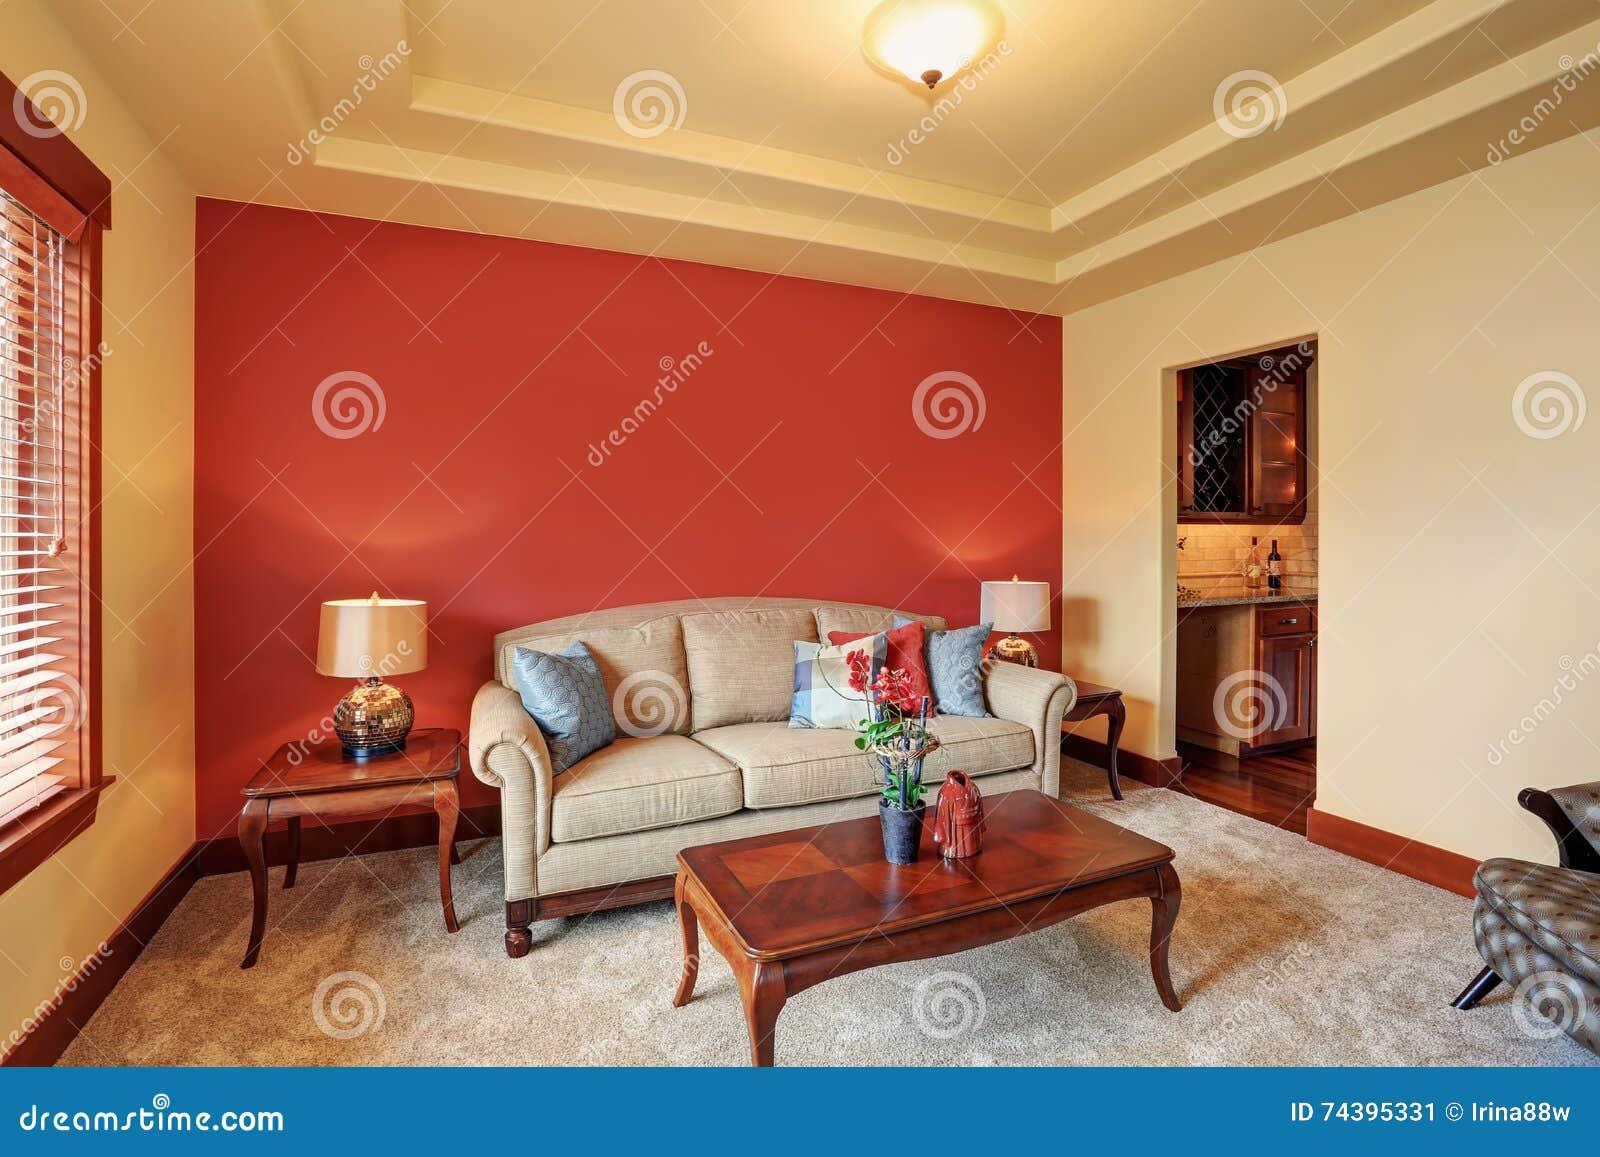 10 Comfortabele Woonkamers : Comfortabele woonkamer met antieke beige erachter bank en rode